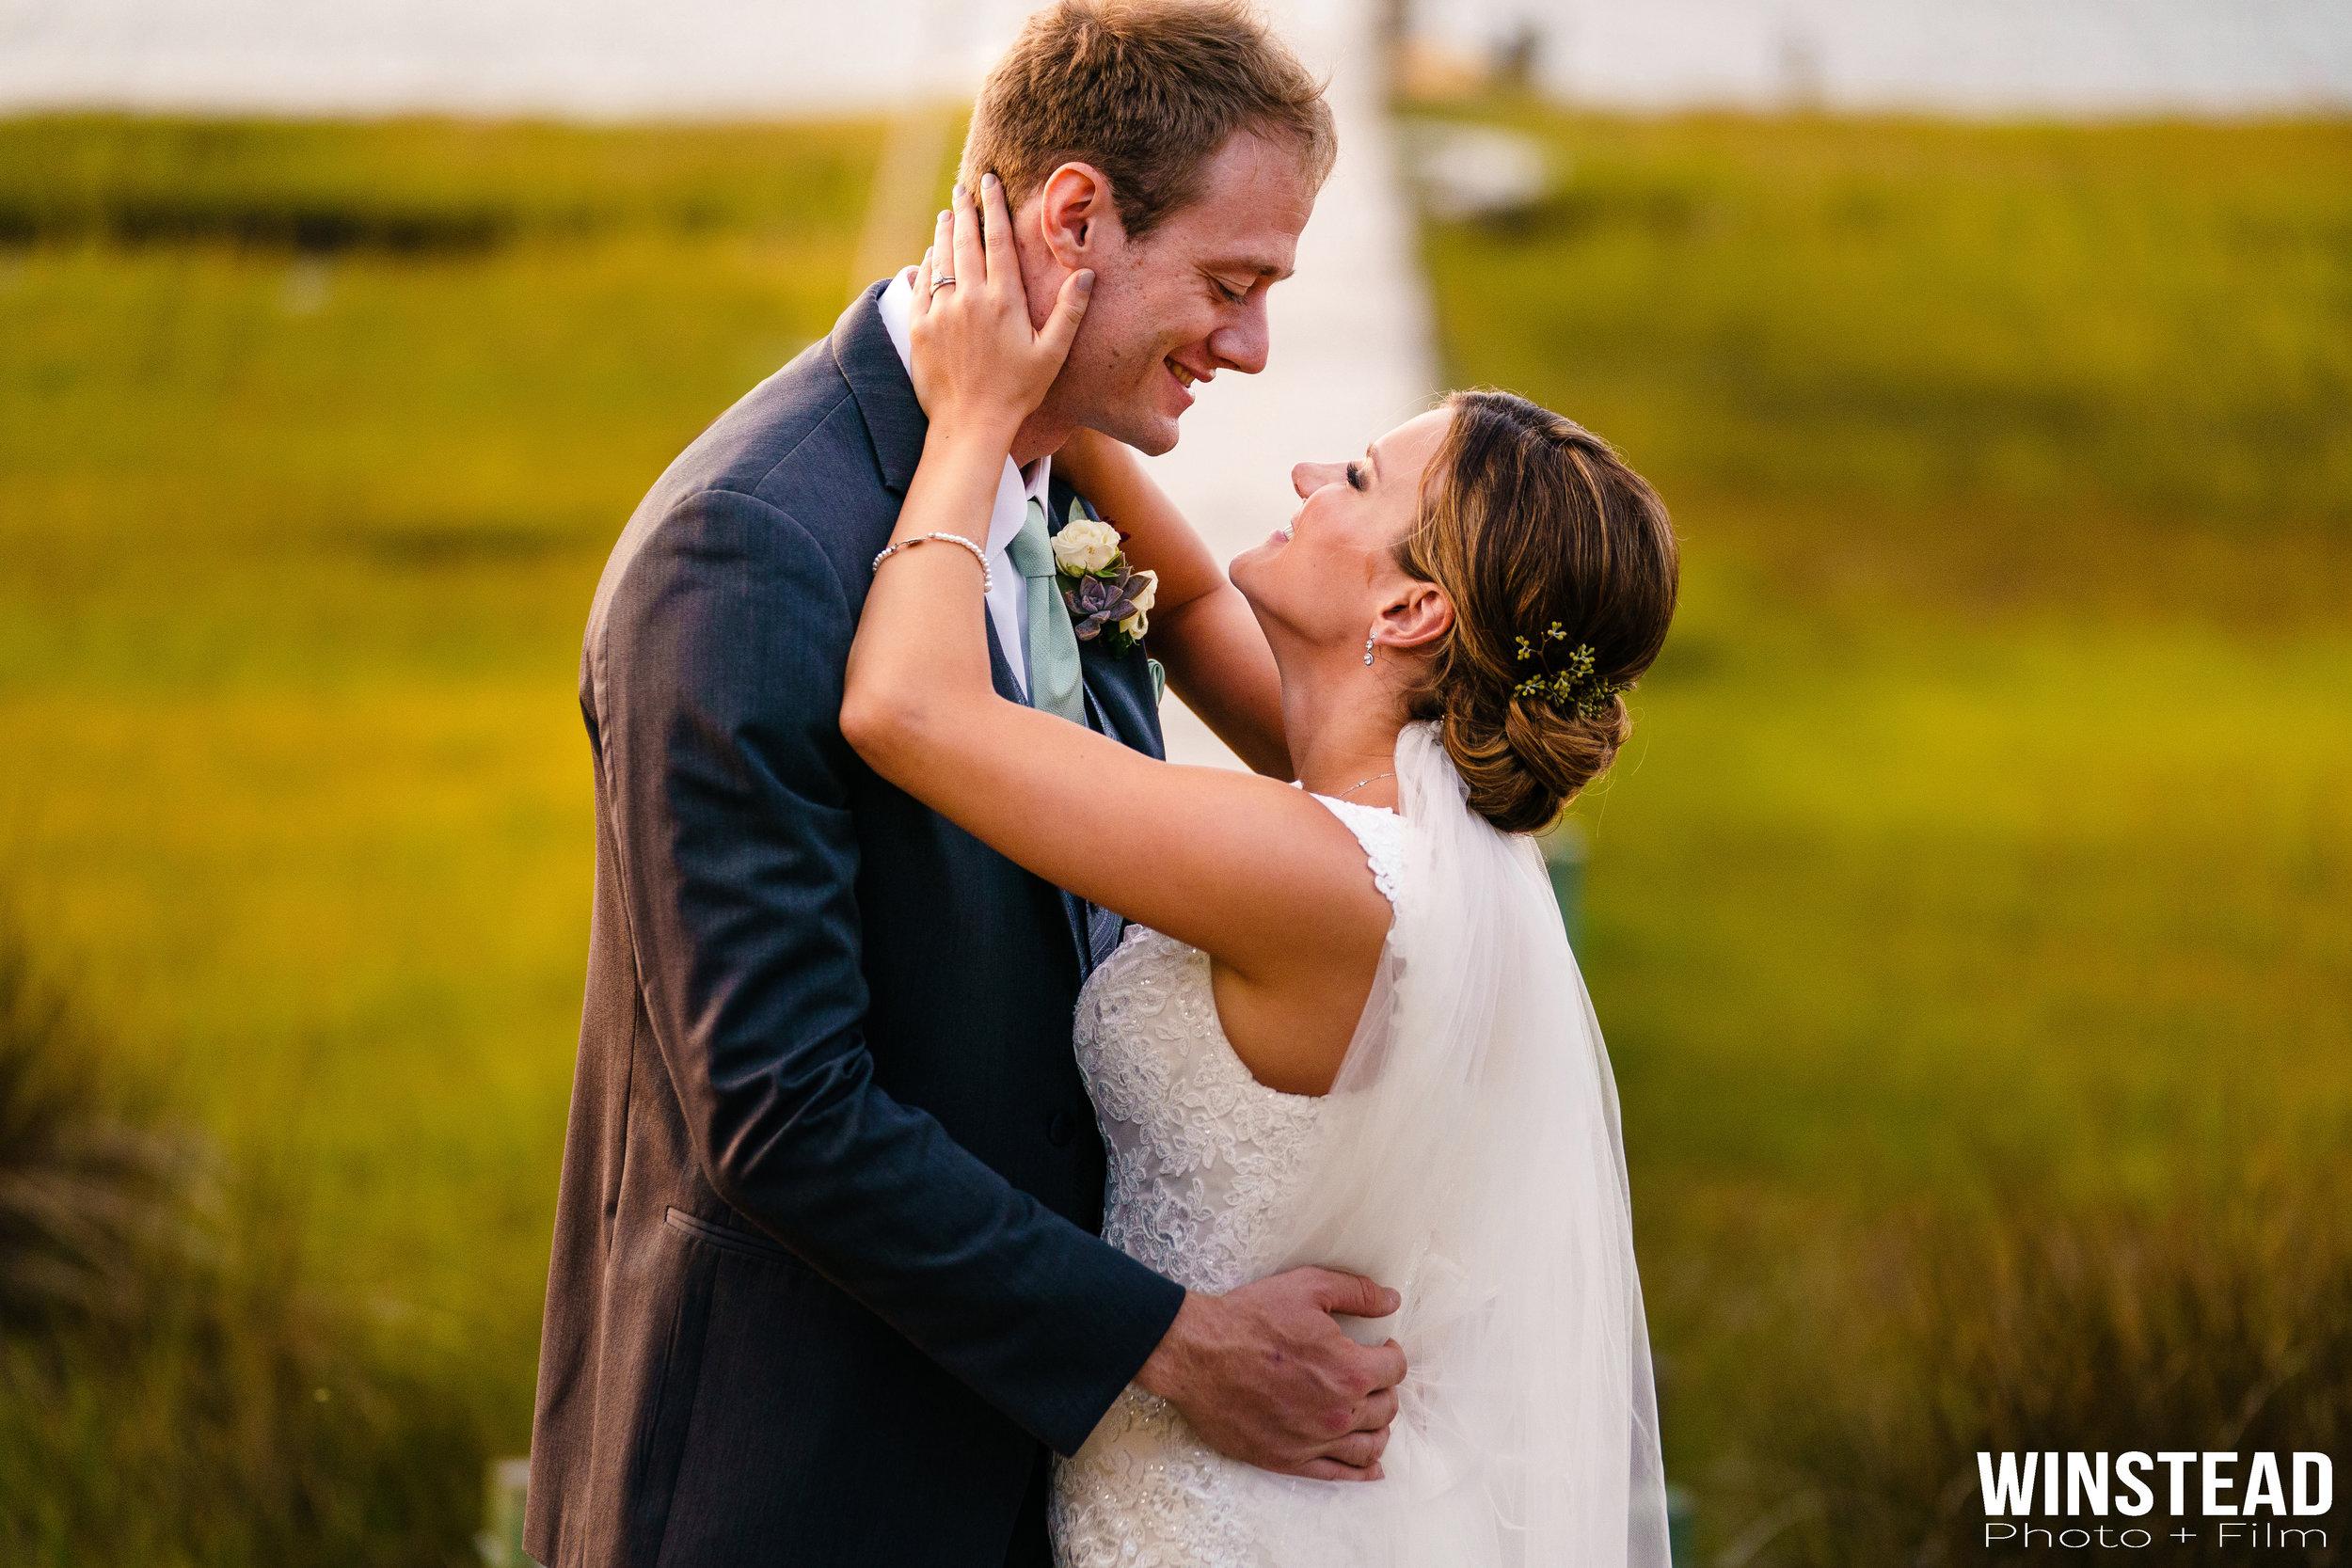 watson-house-emerald-isle-nc-wedding-042.jpg